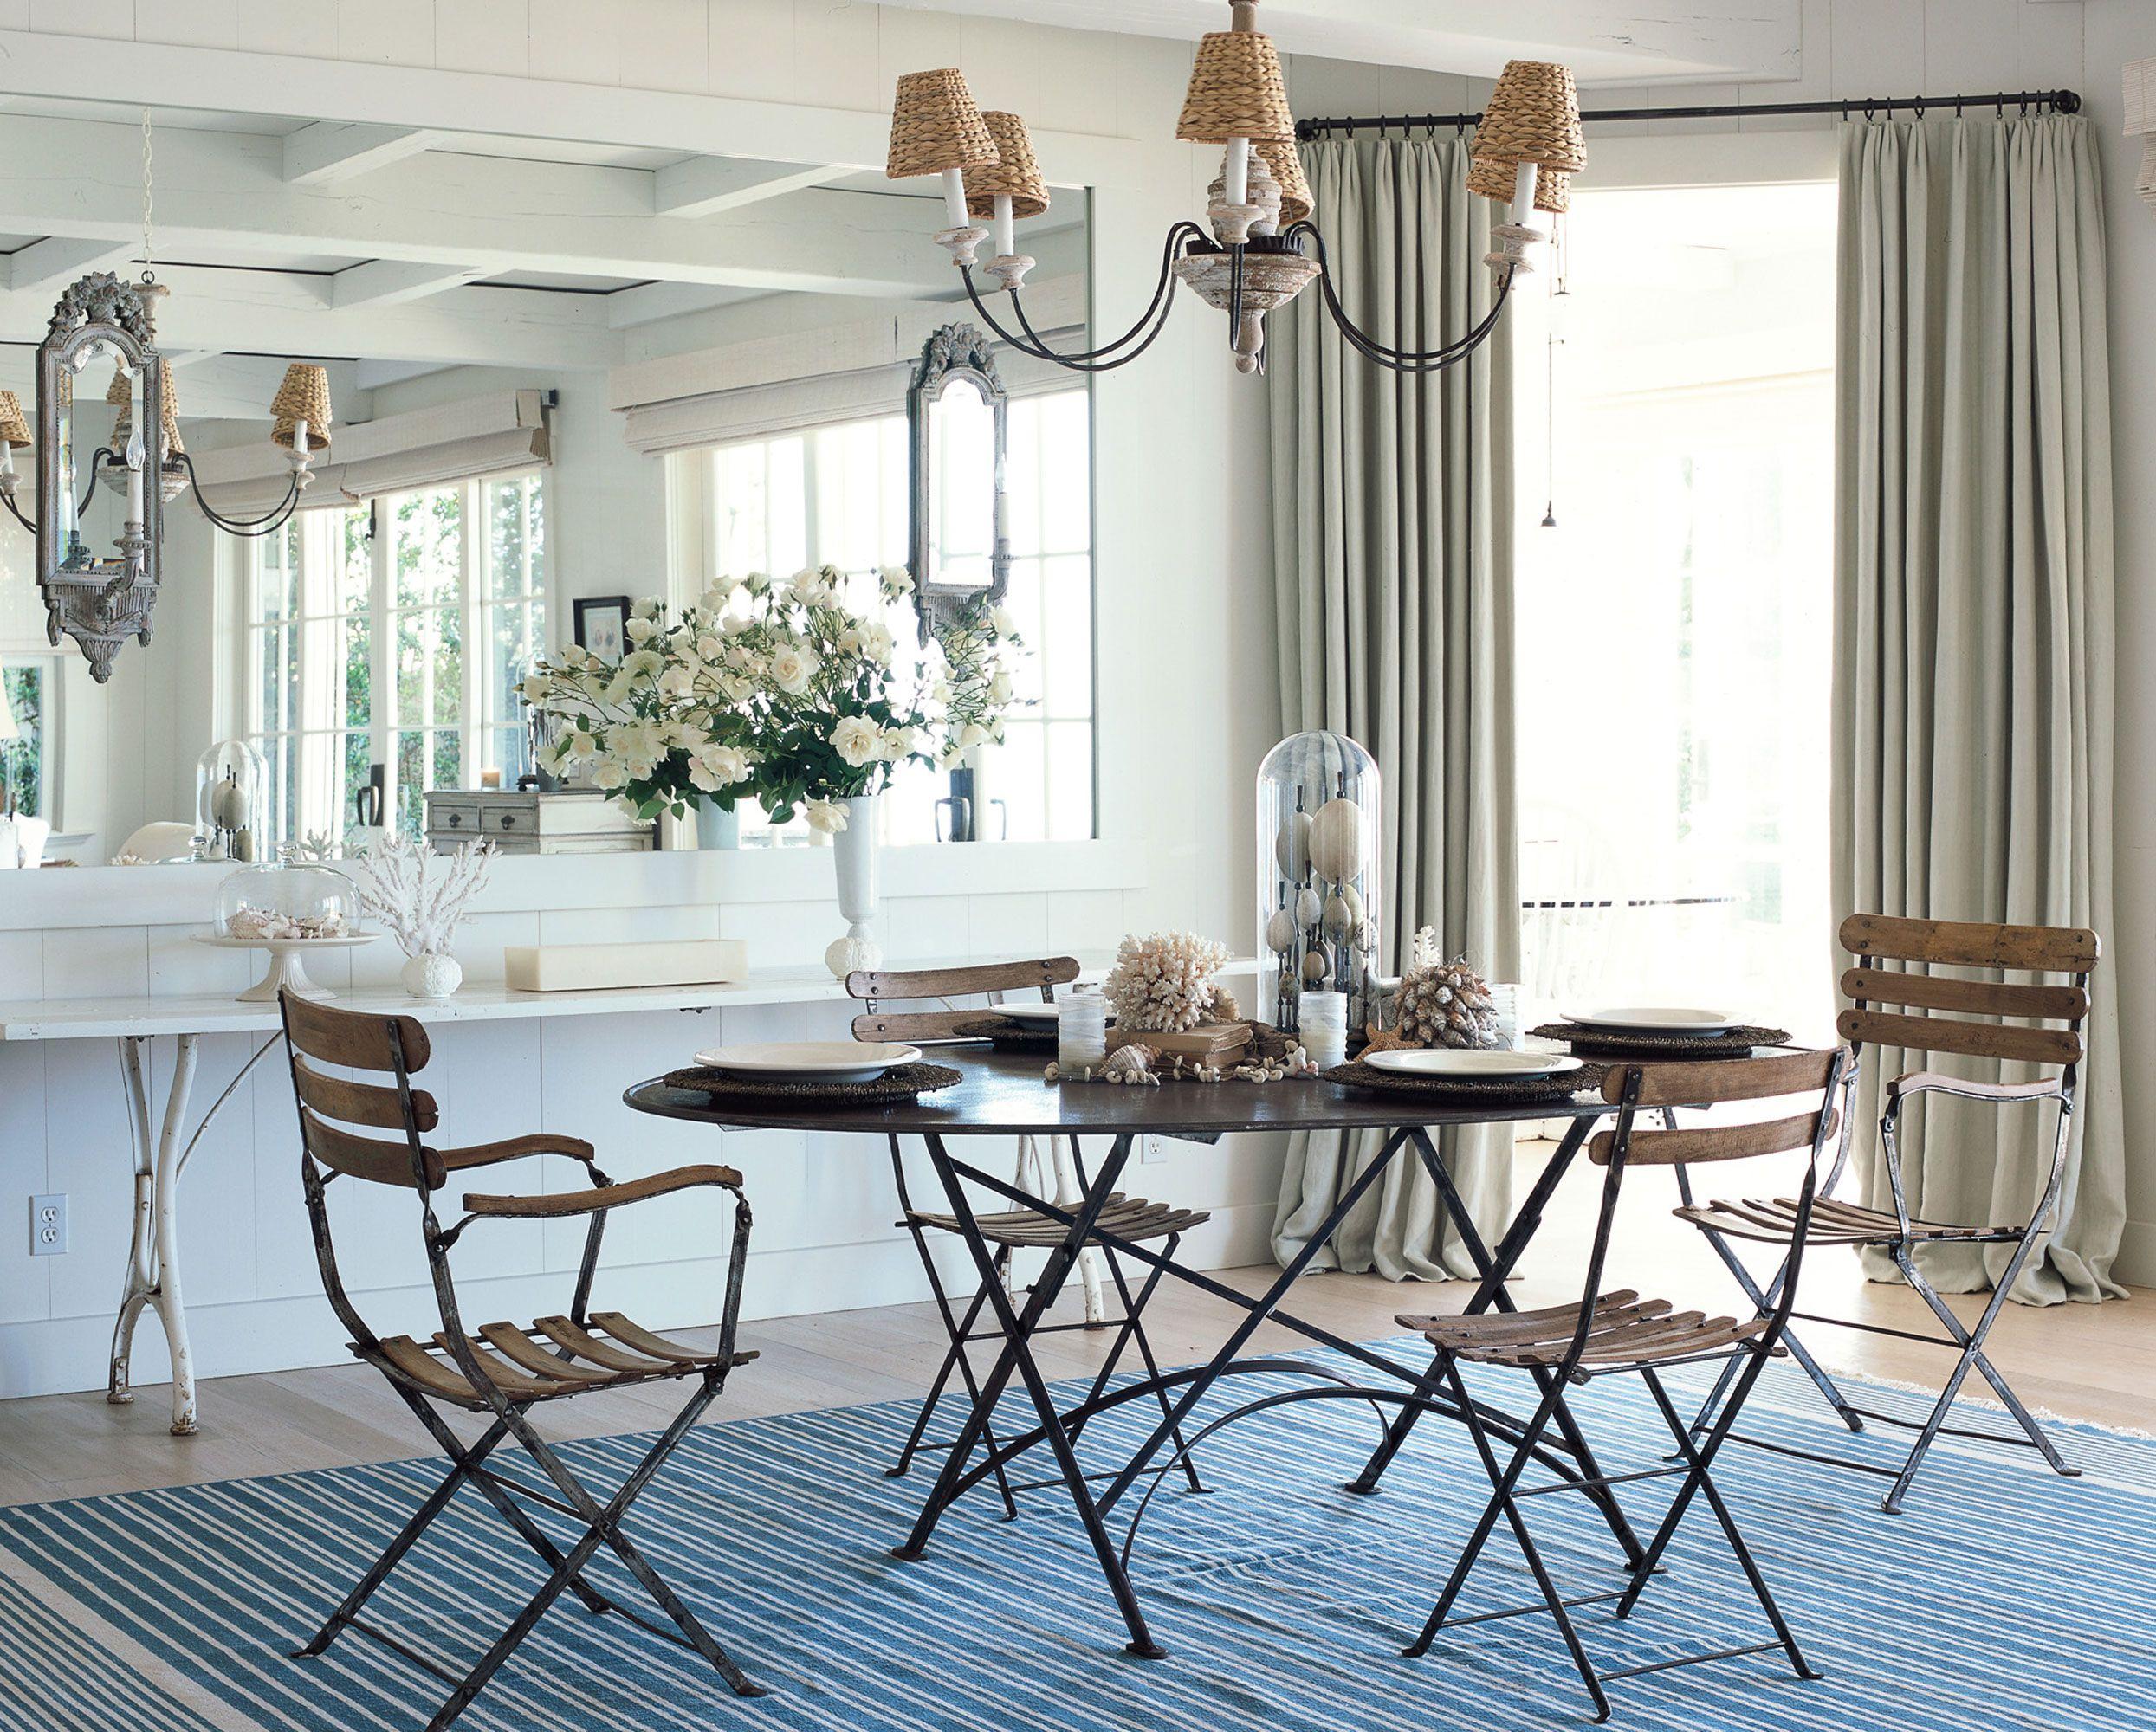 Carolyn Espley Miller Santa Barbara Beach House Dining Room Inspiration Dining Room Mirror Wall Mirror Dining Room